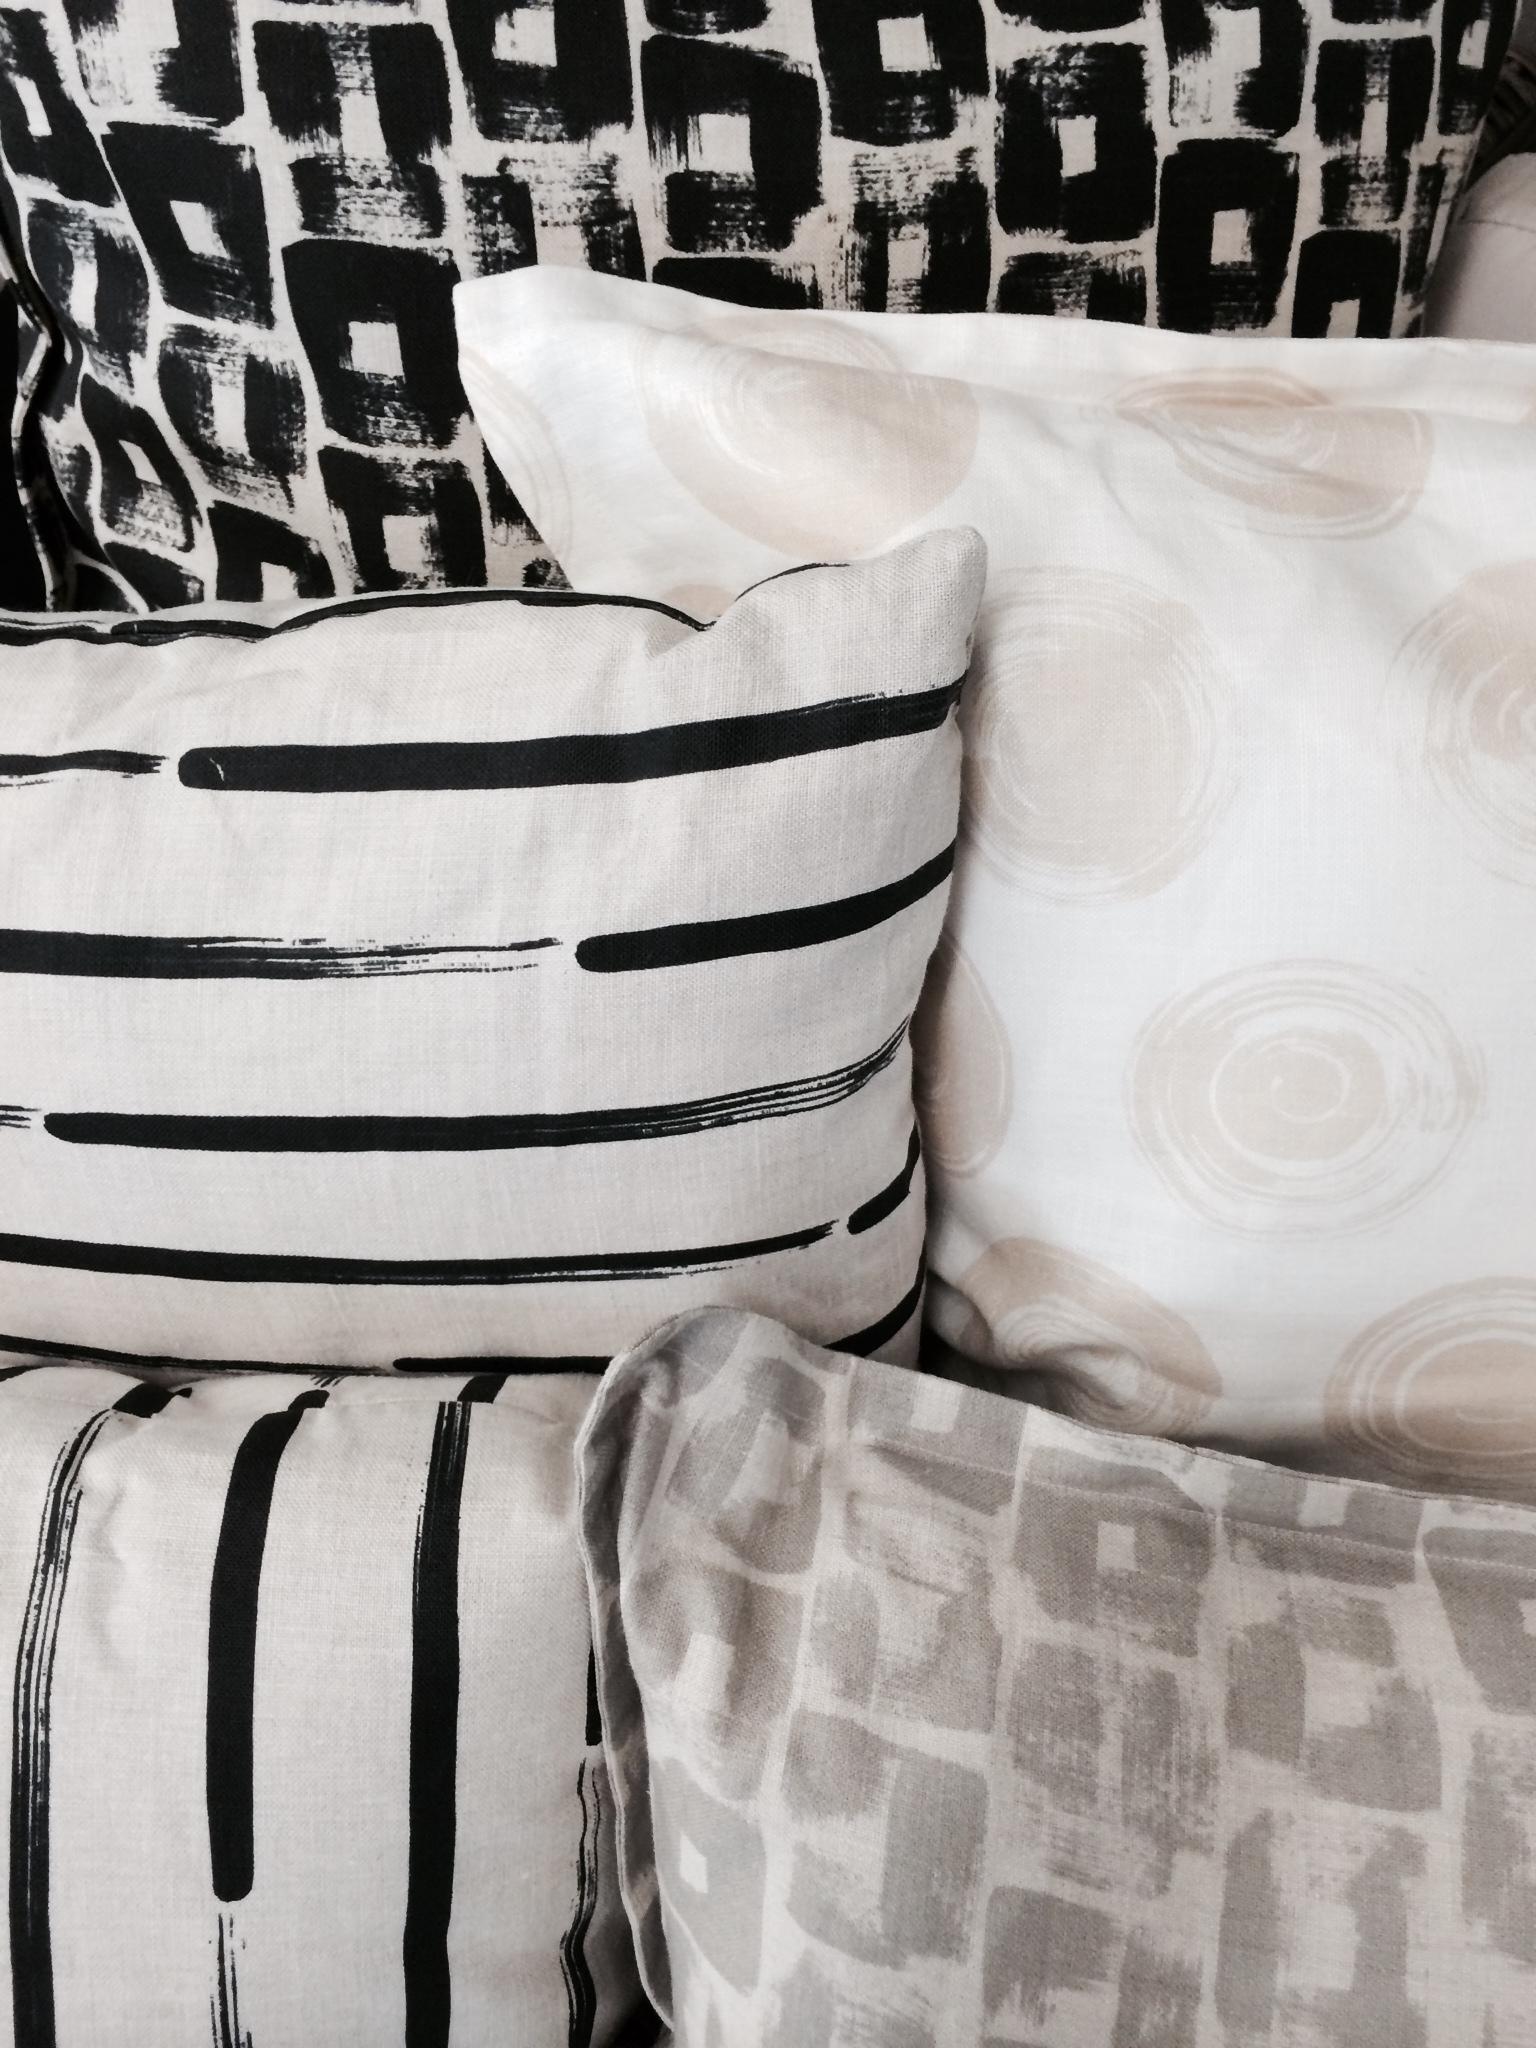 InSt_Casey Dalene_ Pillows2.jpg